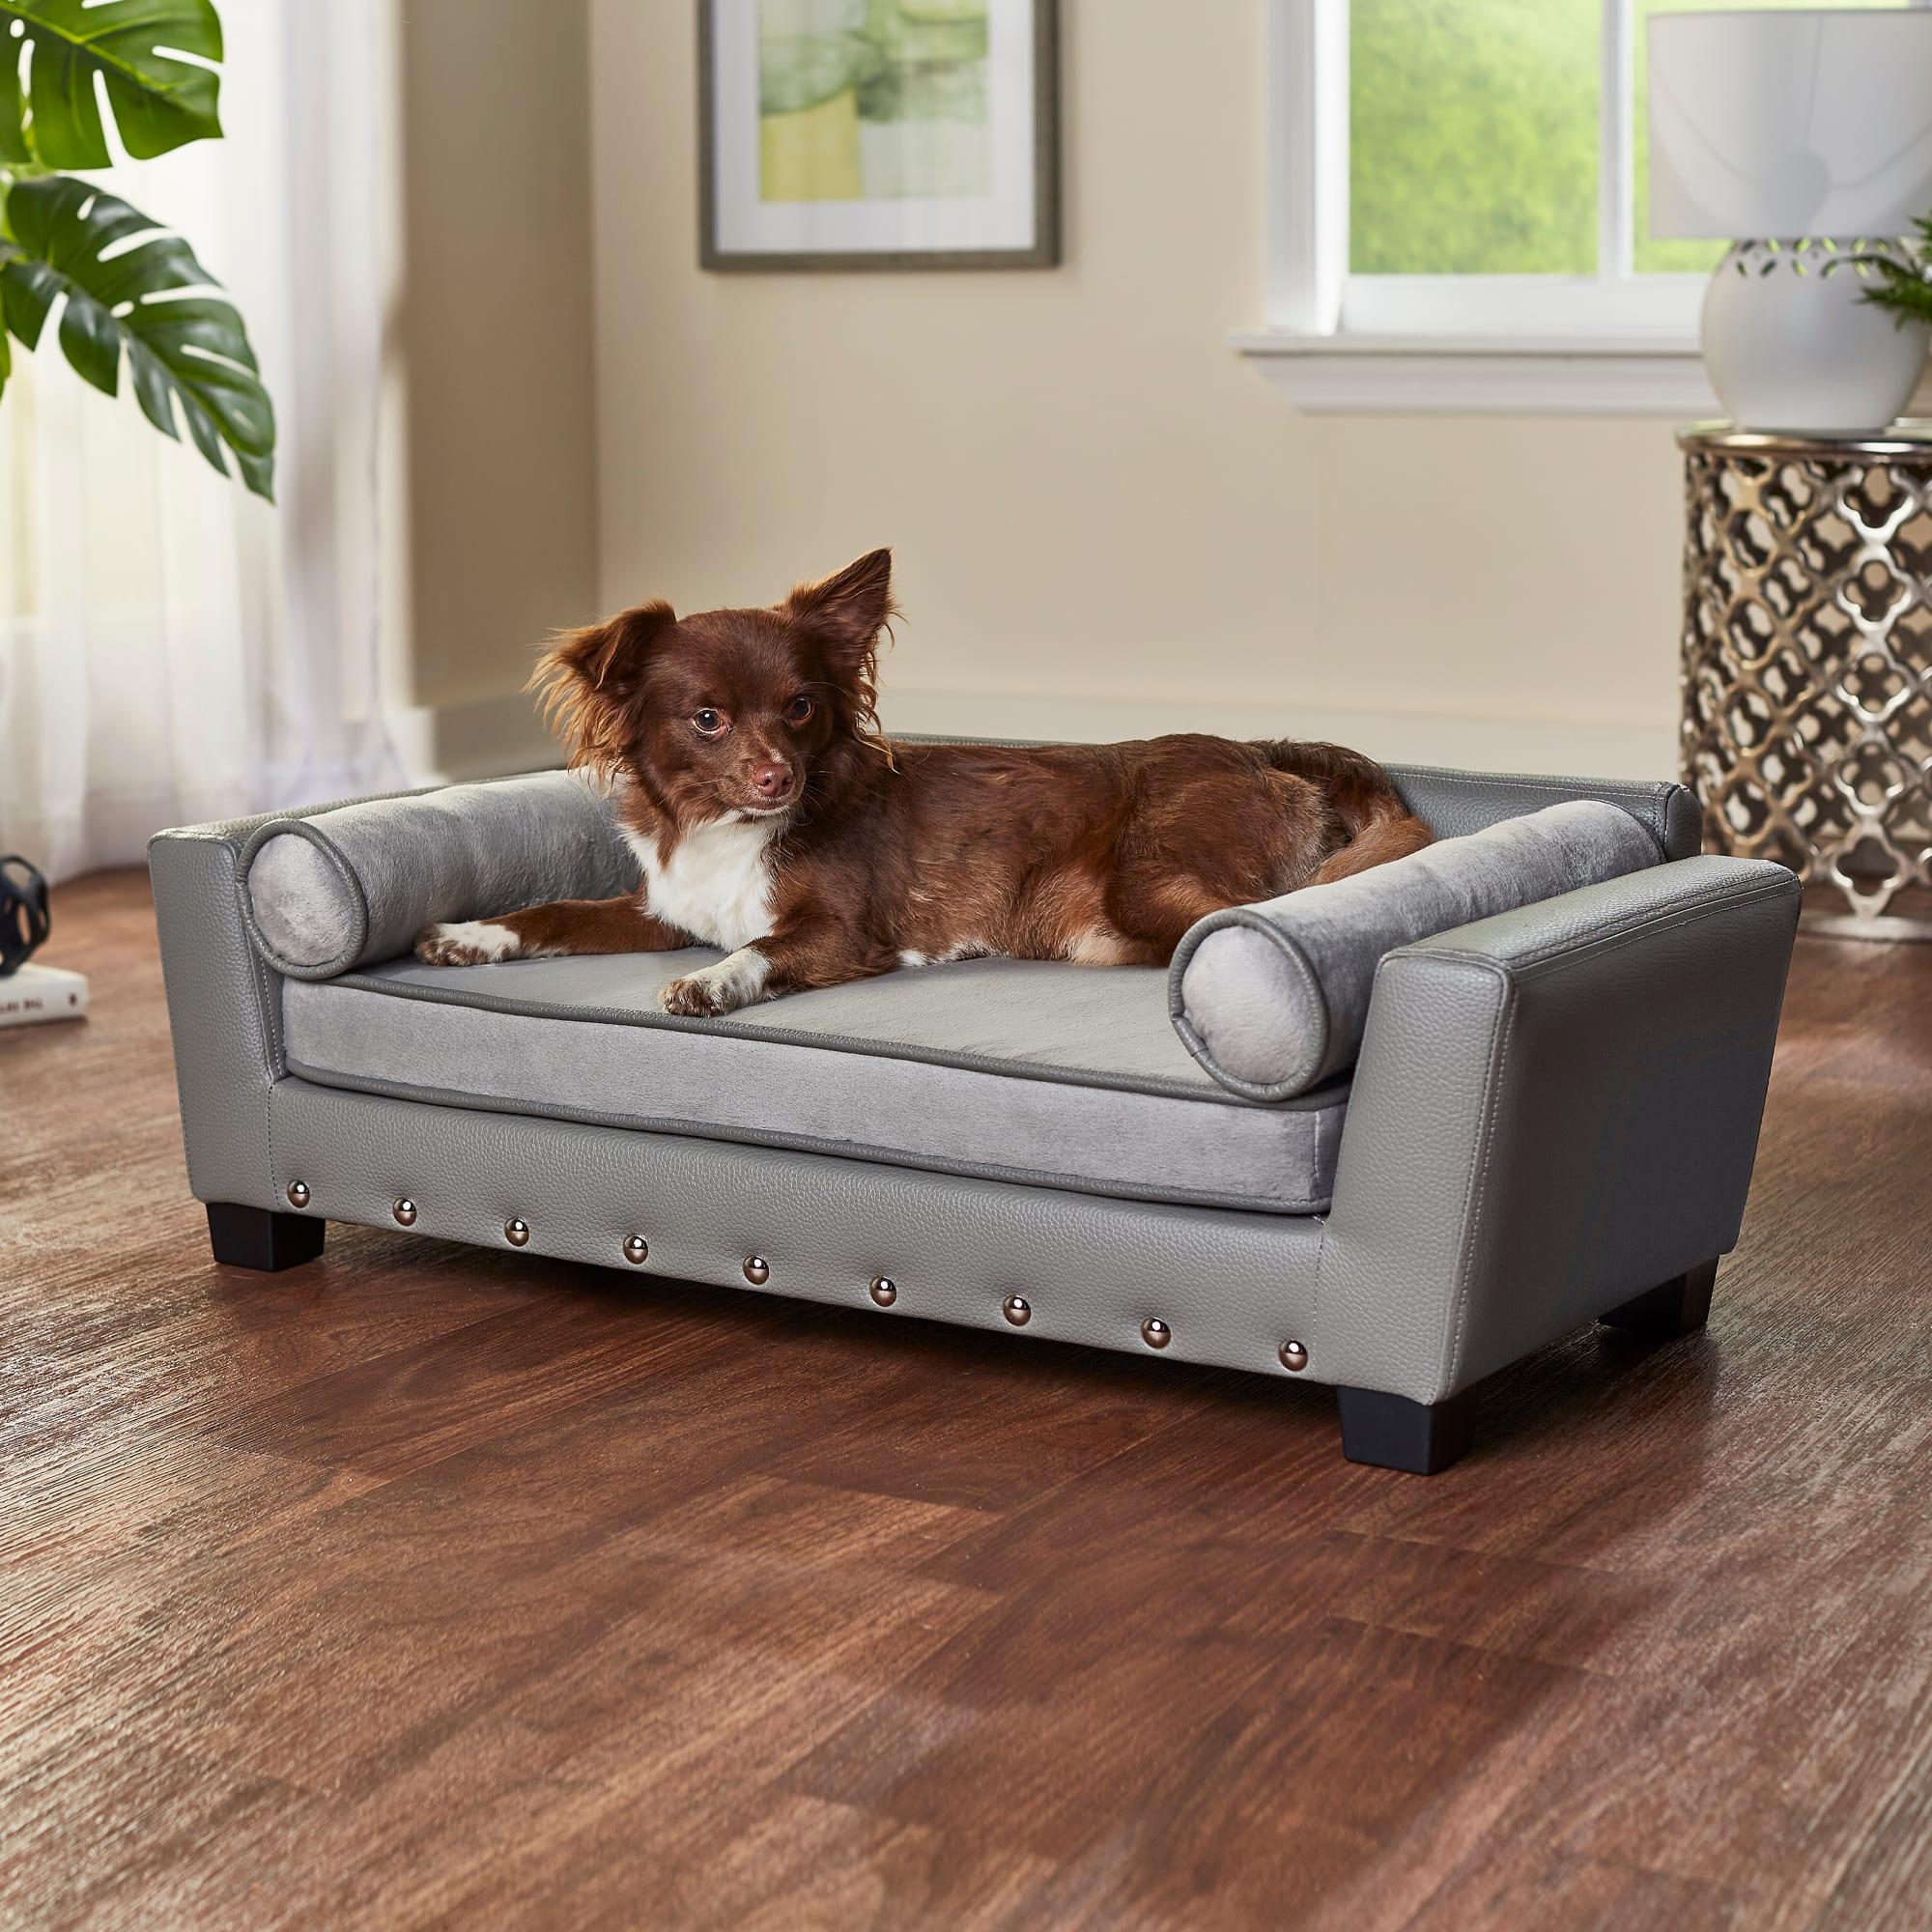 Enchanted Home Pet Gray Sailor Pet Sofa, 31.5